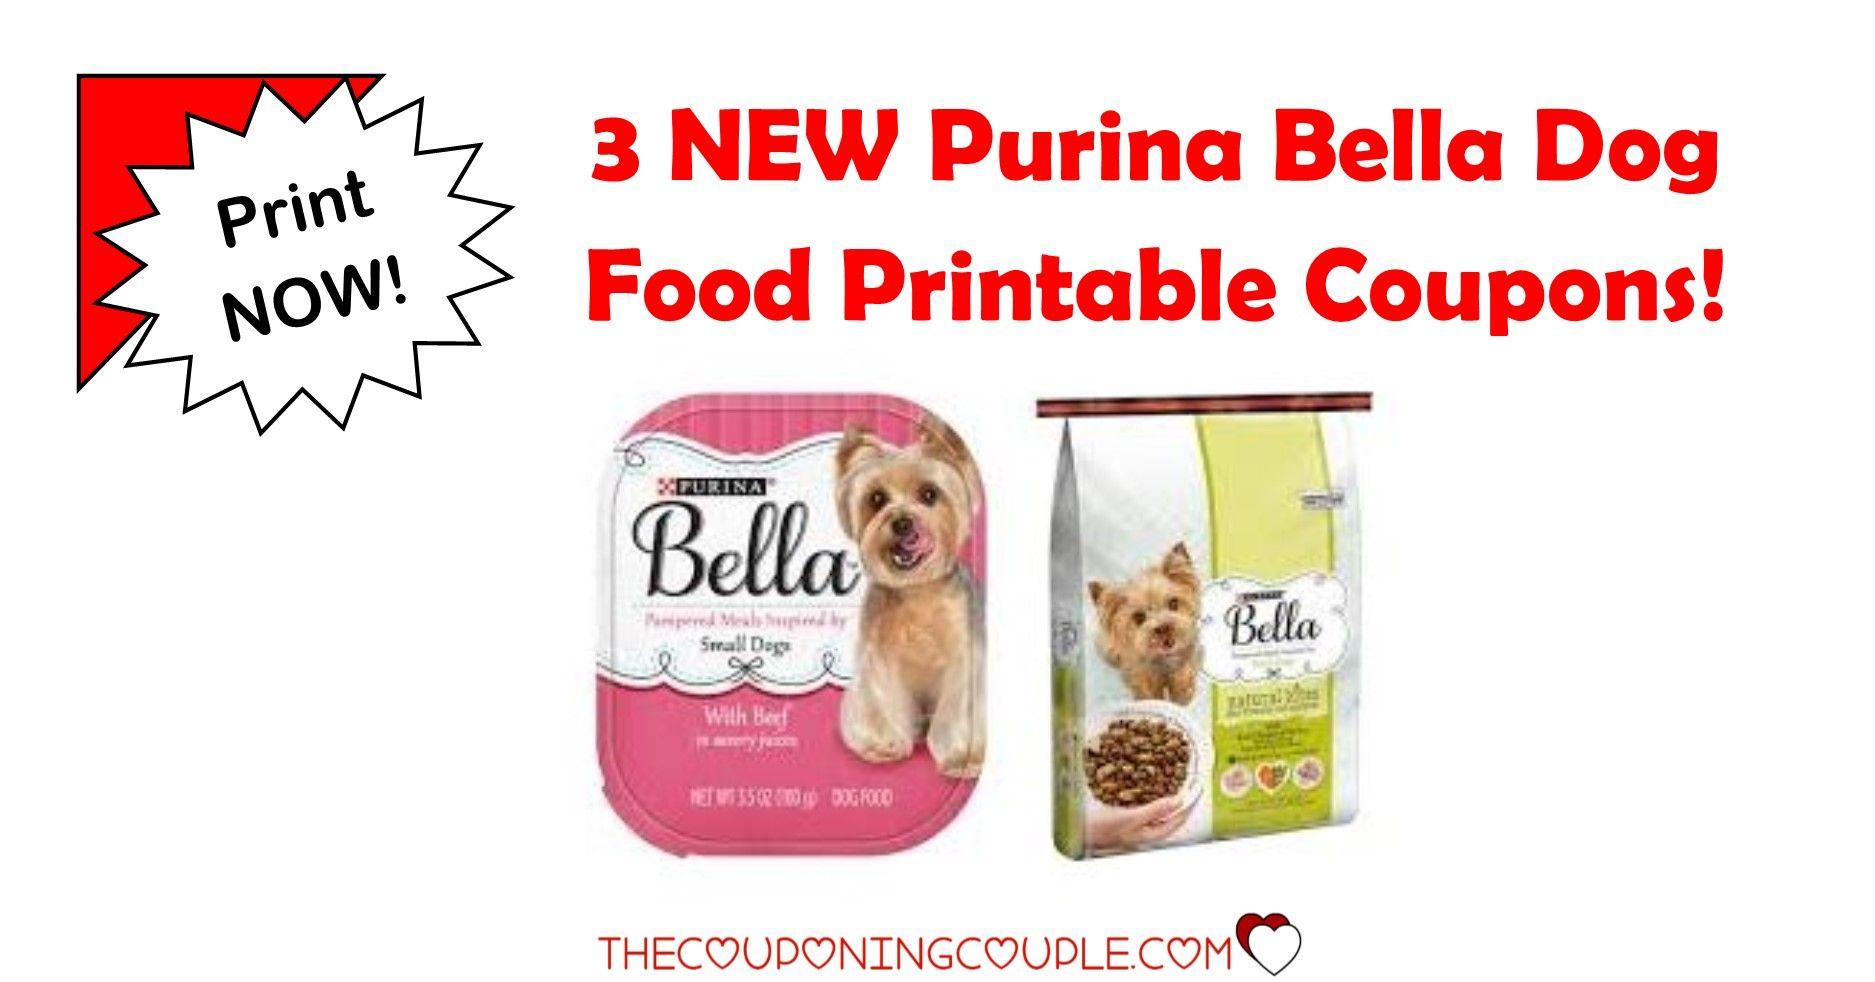 3 New Purina Bella Dog Food Printable Coupons Print Now Dog